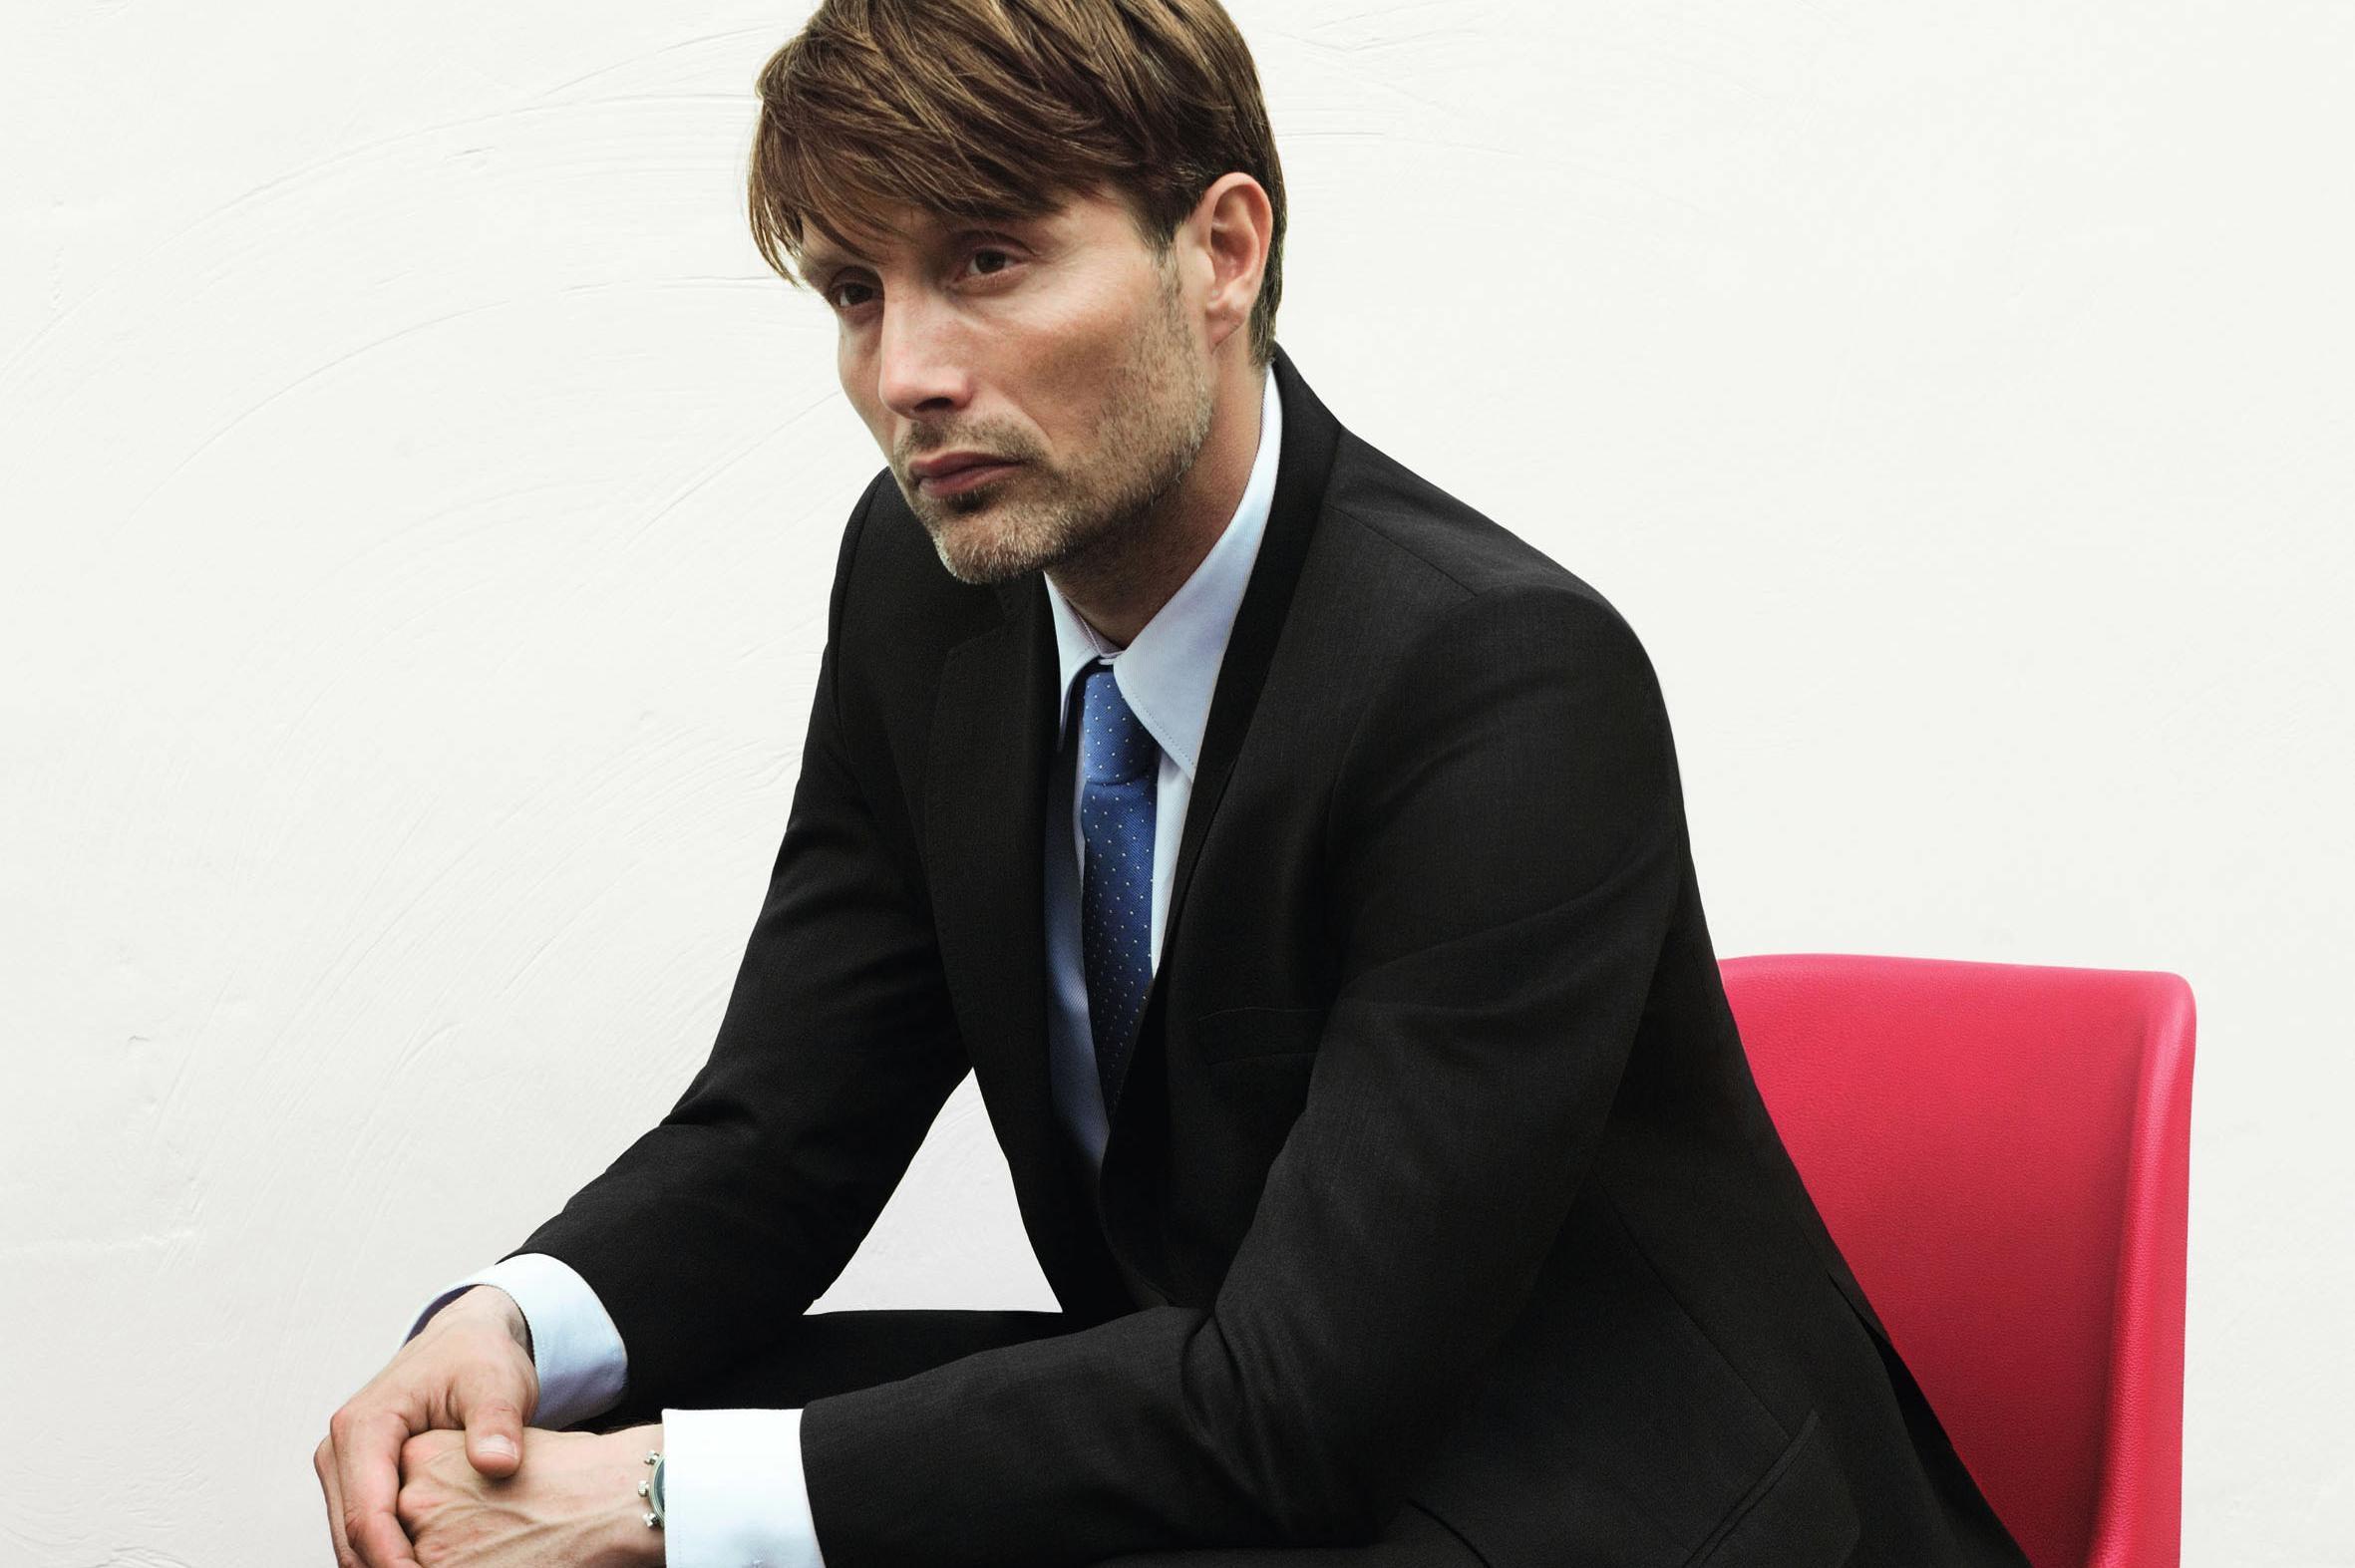 Mads Dittmann Mikkelsen R født 22 november 1965 på Østerbro er en dansk film og teater skuespiller Han har blitt internasjonalt kjent for roller i filmer som